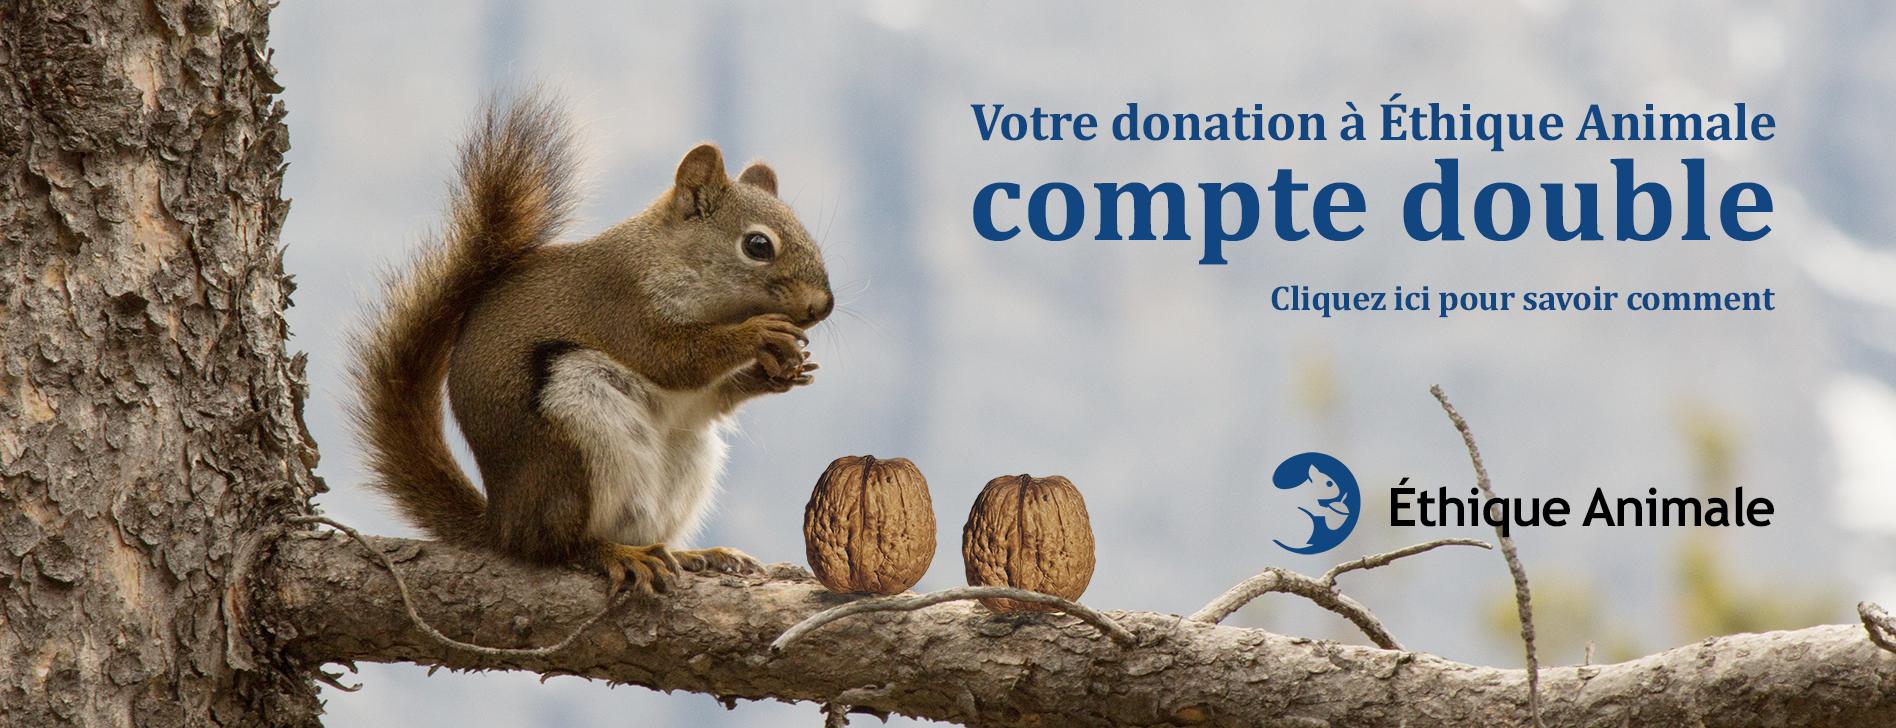 Votre donation à Éthique Animale compte double